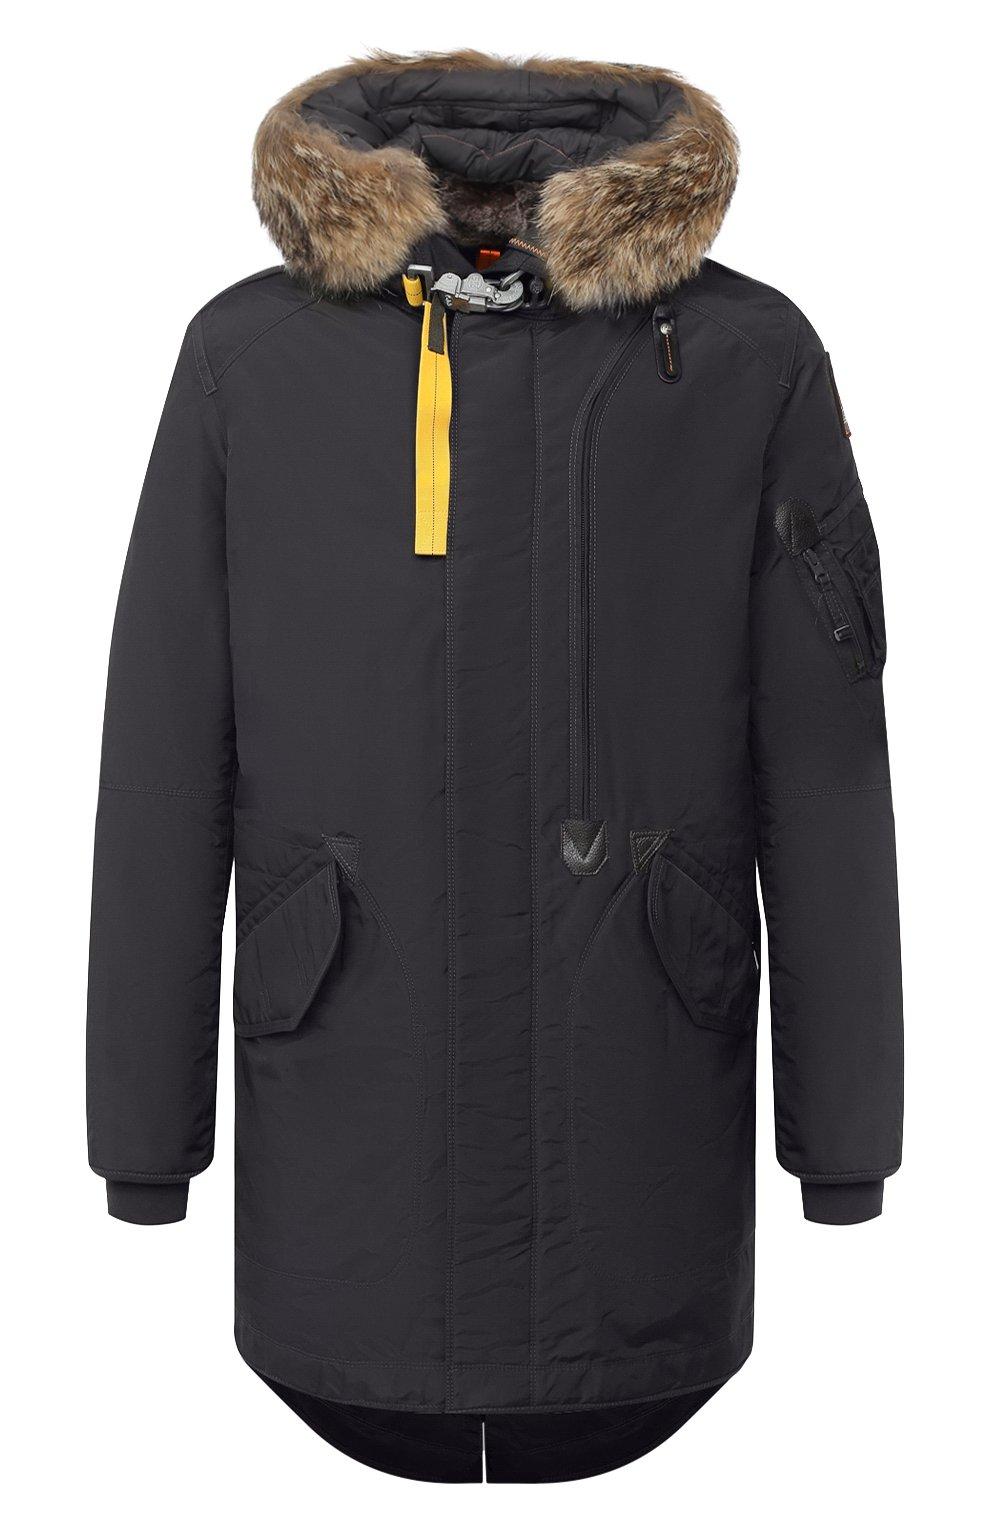 Мужская пуховая парка tank с меховой отделкой PARAJUMPERS темно-серого цвета, арт. MA07/TANK   Фото 1 (Кросс-КТ: Куртка, Пуховик; Мужское Кросс-КТ: пуховик-короткий, Пуховик-верхняя одежда, Верхняя одежда; Рукава: Длинные; Длина (верхняя одежда): До середины бедра; Материал внешний: Синтетический материал; Стили: Спорт-шик; Материал подклада: Синтетический материал; Материал утеплителя: Пух и перо)